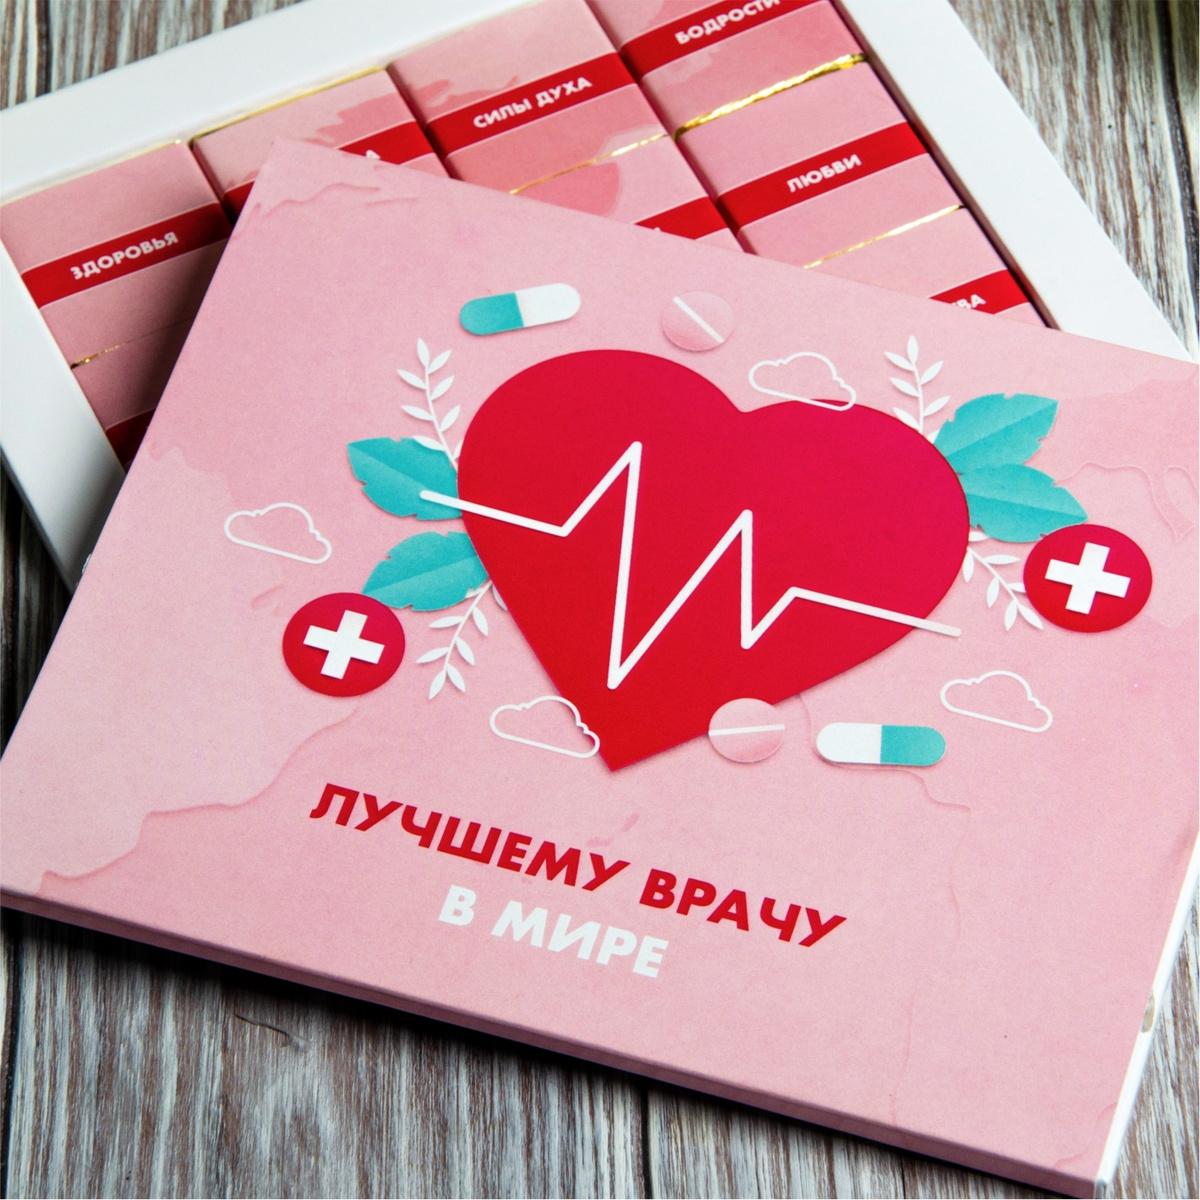 Лучшему врачу, доктору, медику/ Подарочный шоколадный набор/ Креативный подарок  #1